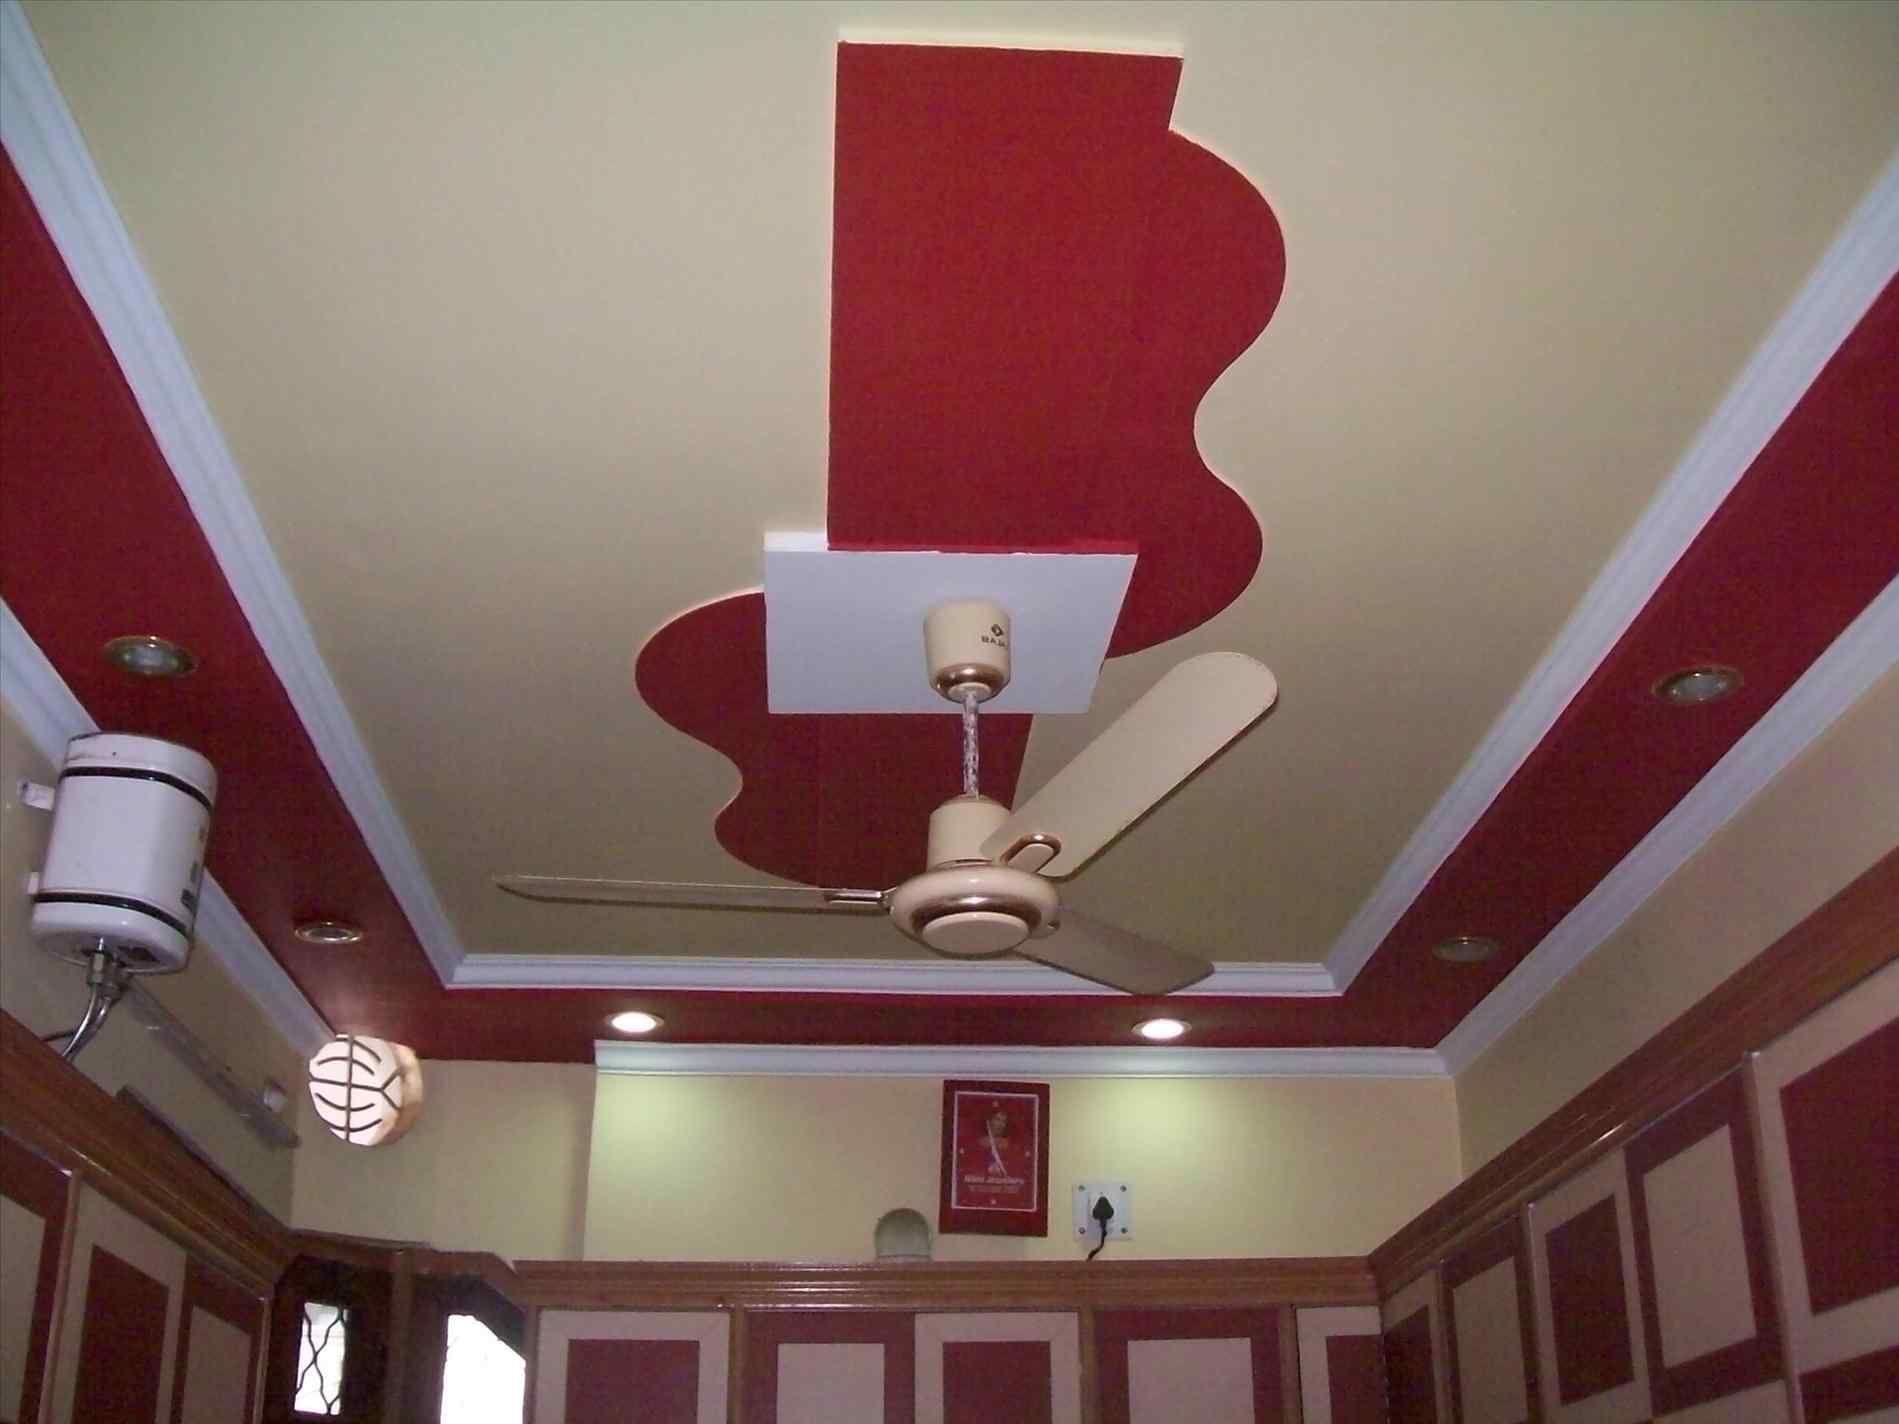 Plastic Paris Roof Design Home Roof Ideas Pop Ceiling Design